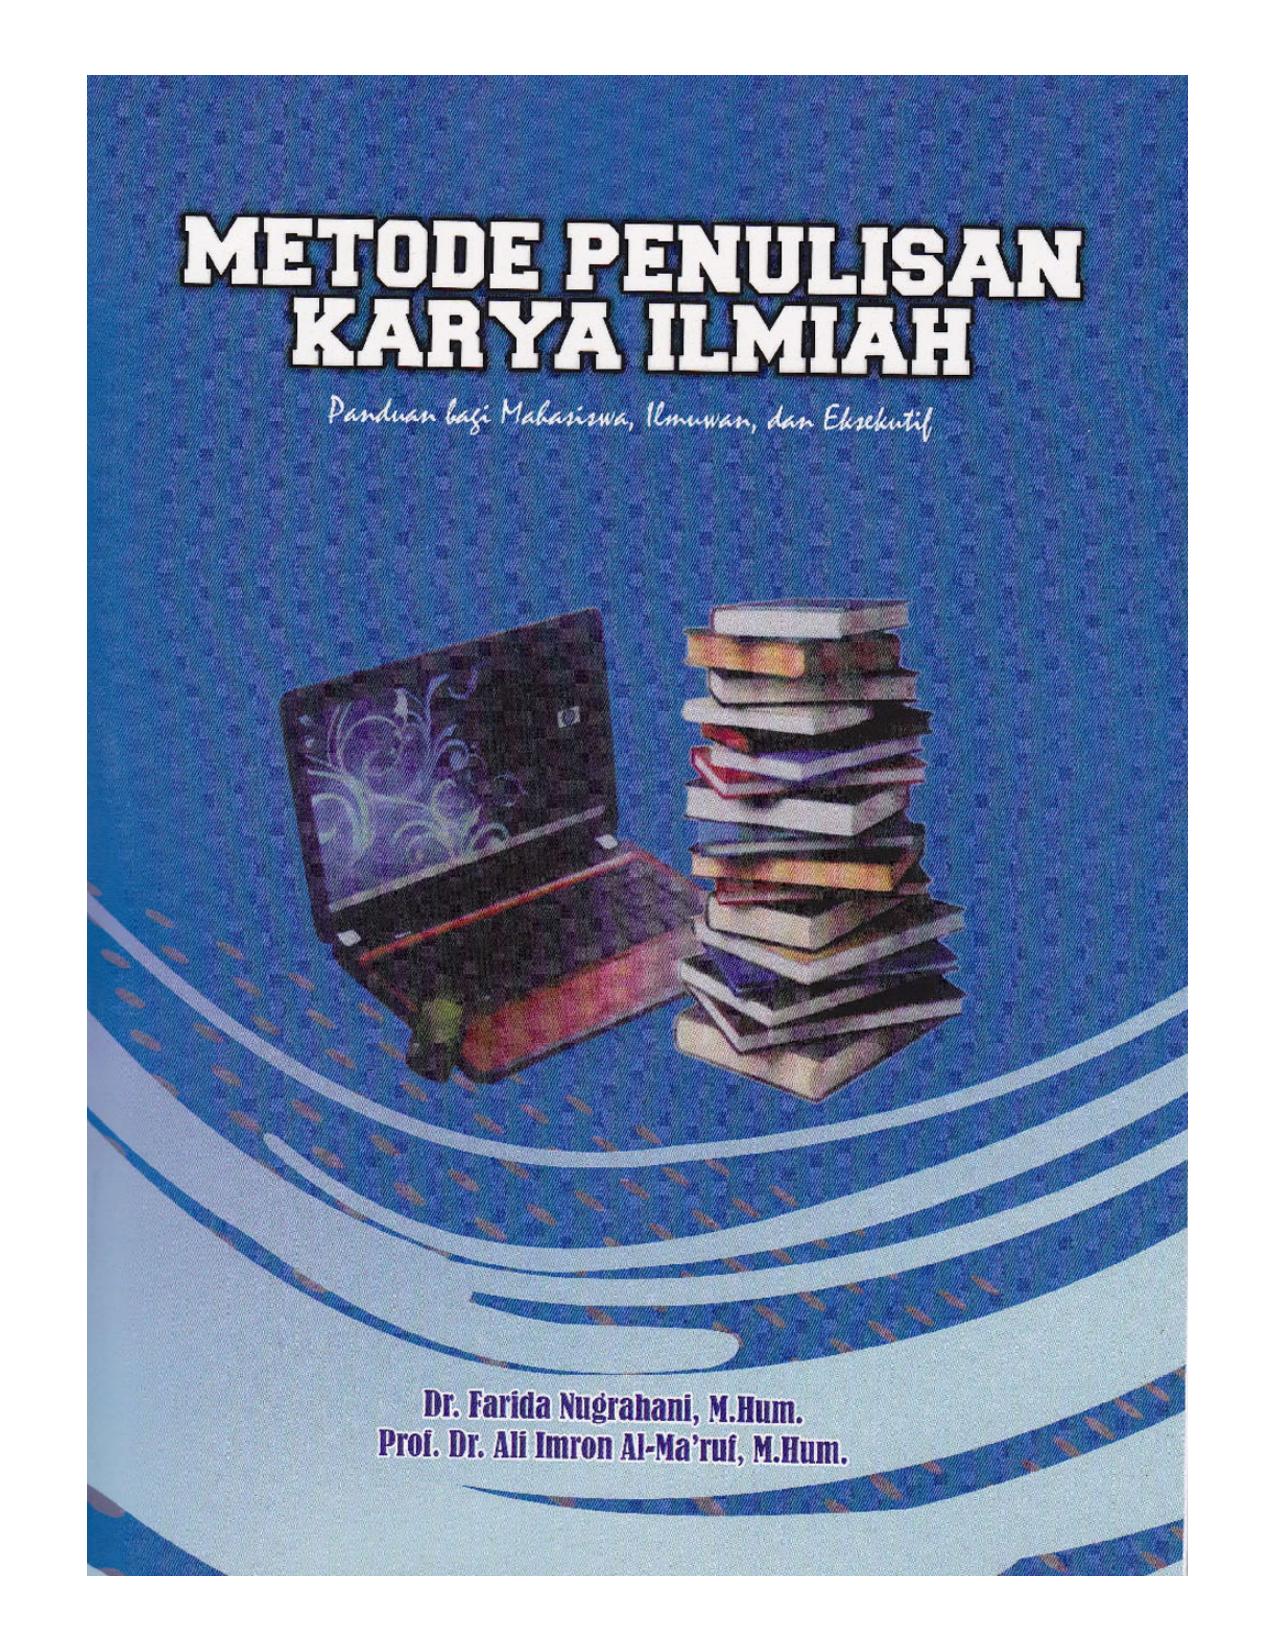 Dr Ali Imron Al Ma ruf M Hum i Perpustakaan Nasional Katalog Dalam Terbitan Metode Penulisan Karya Ilmiah Panduan